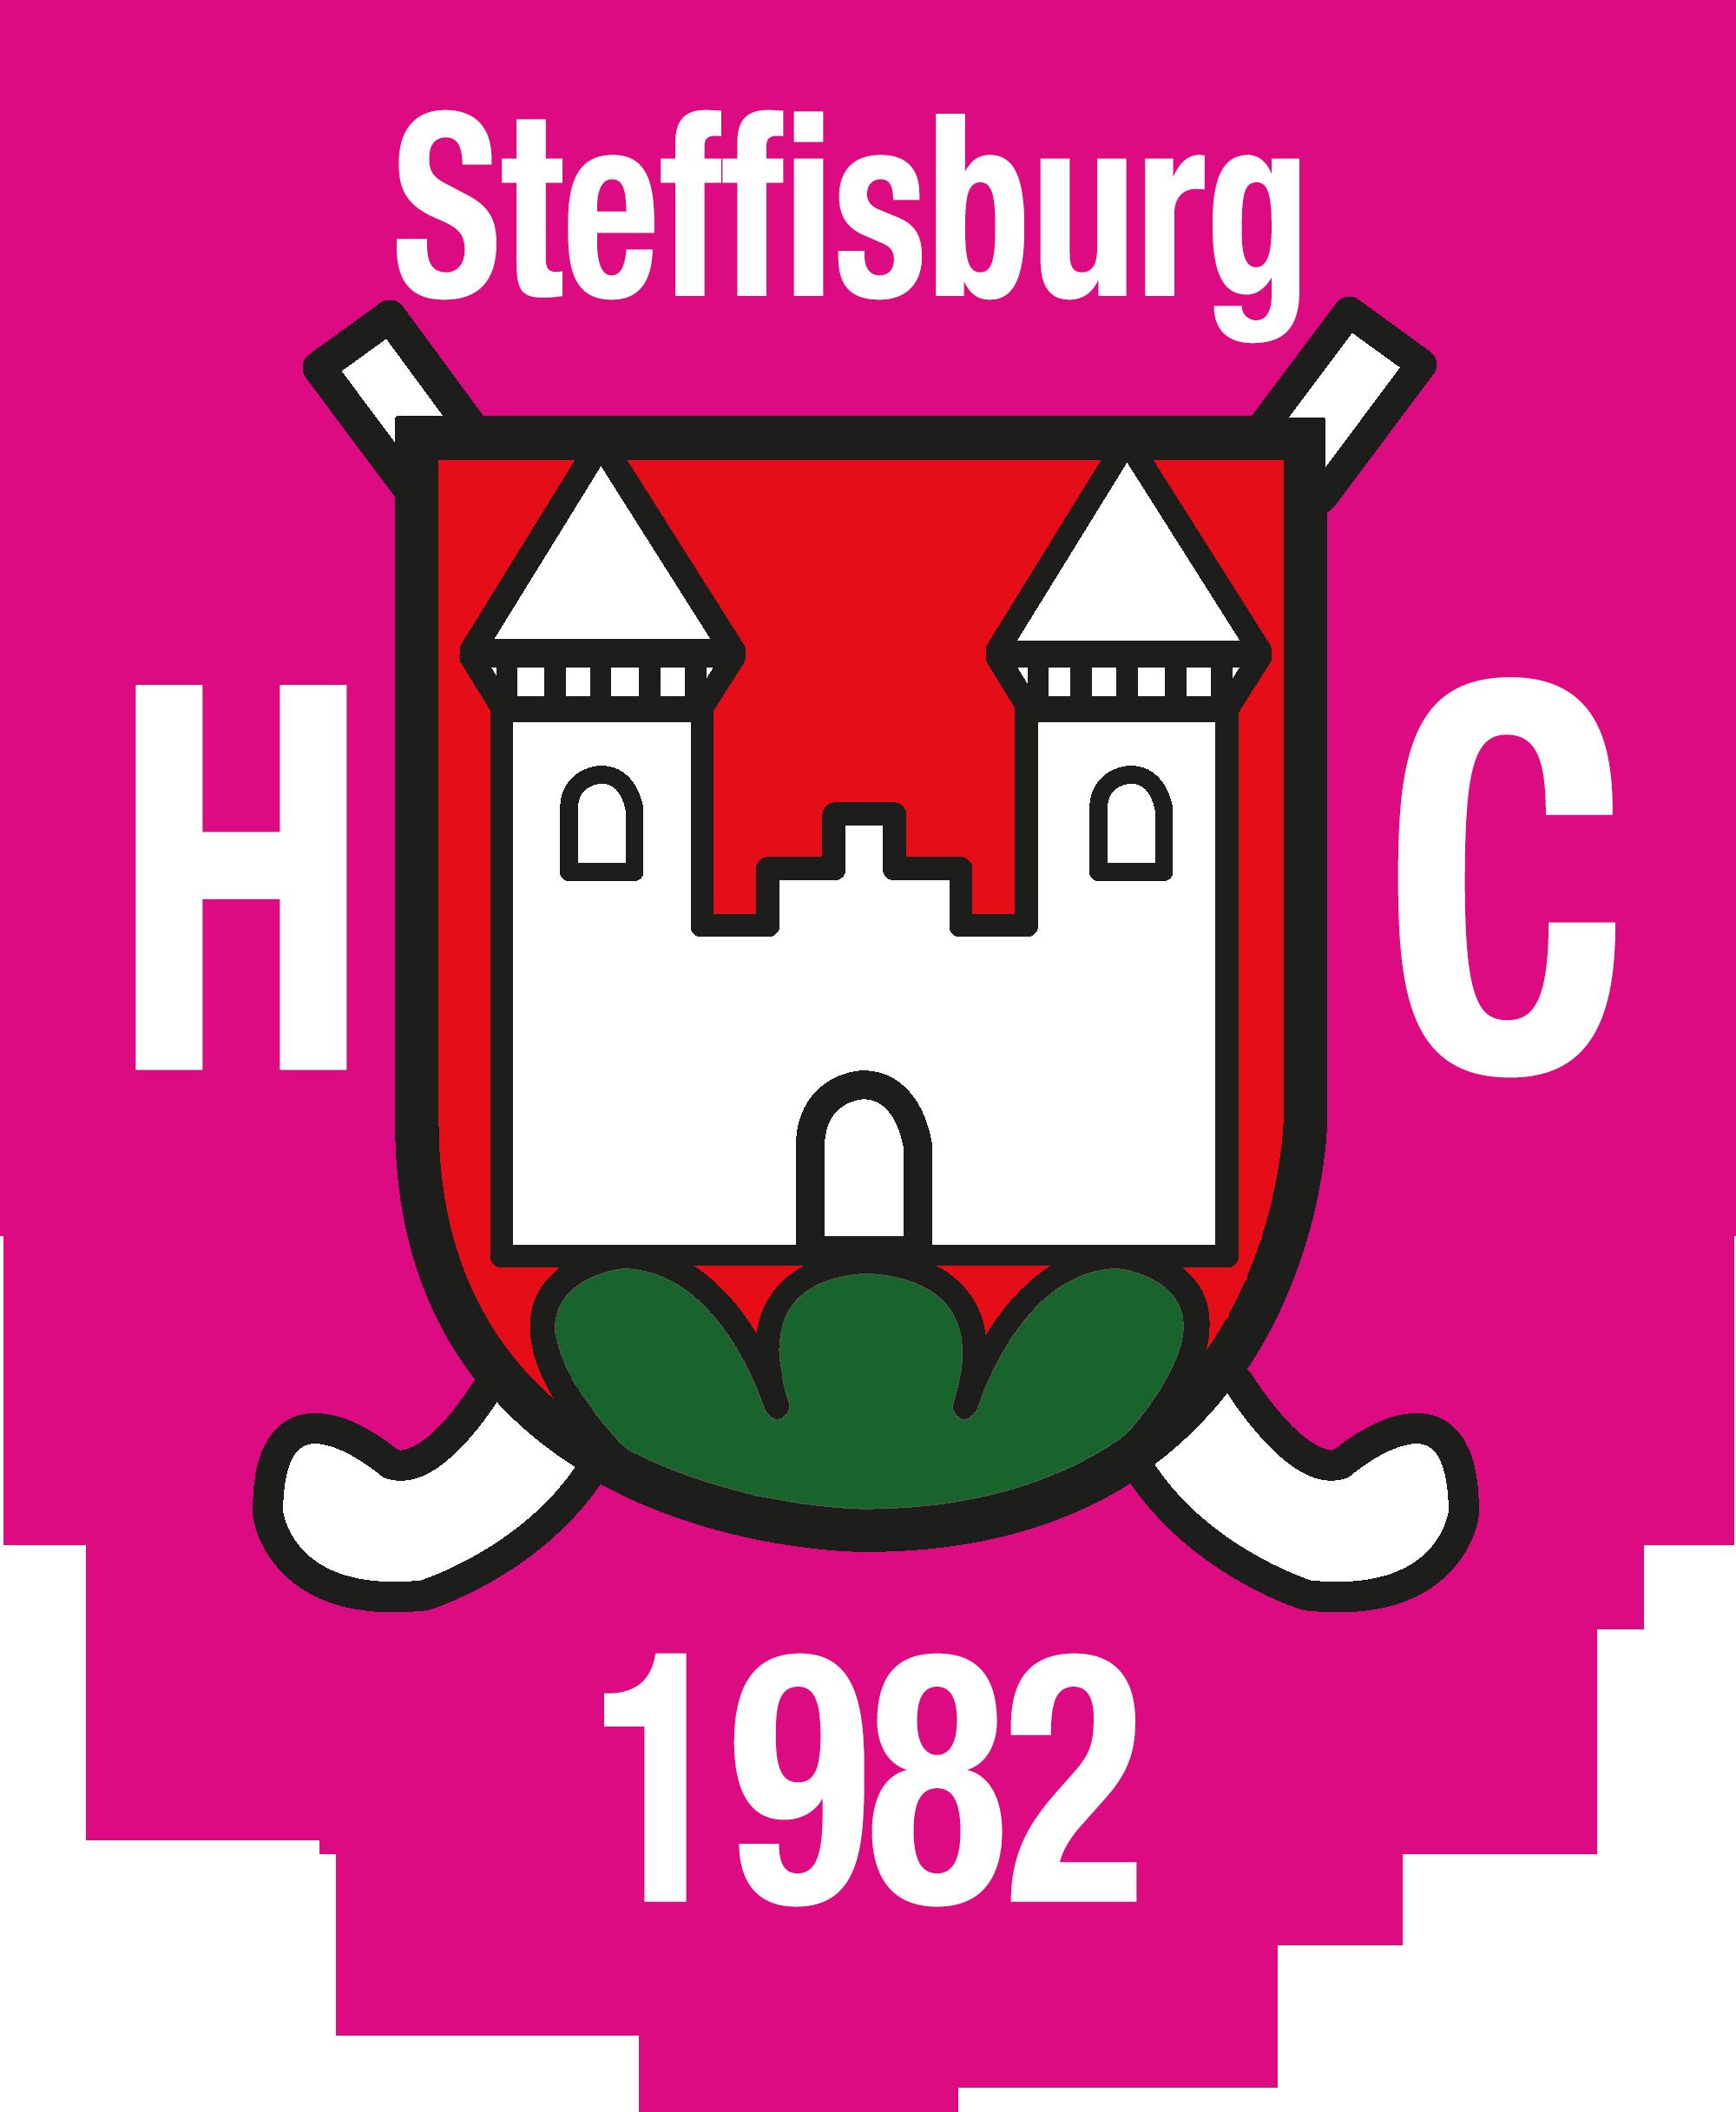 hcst_logo_farbig